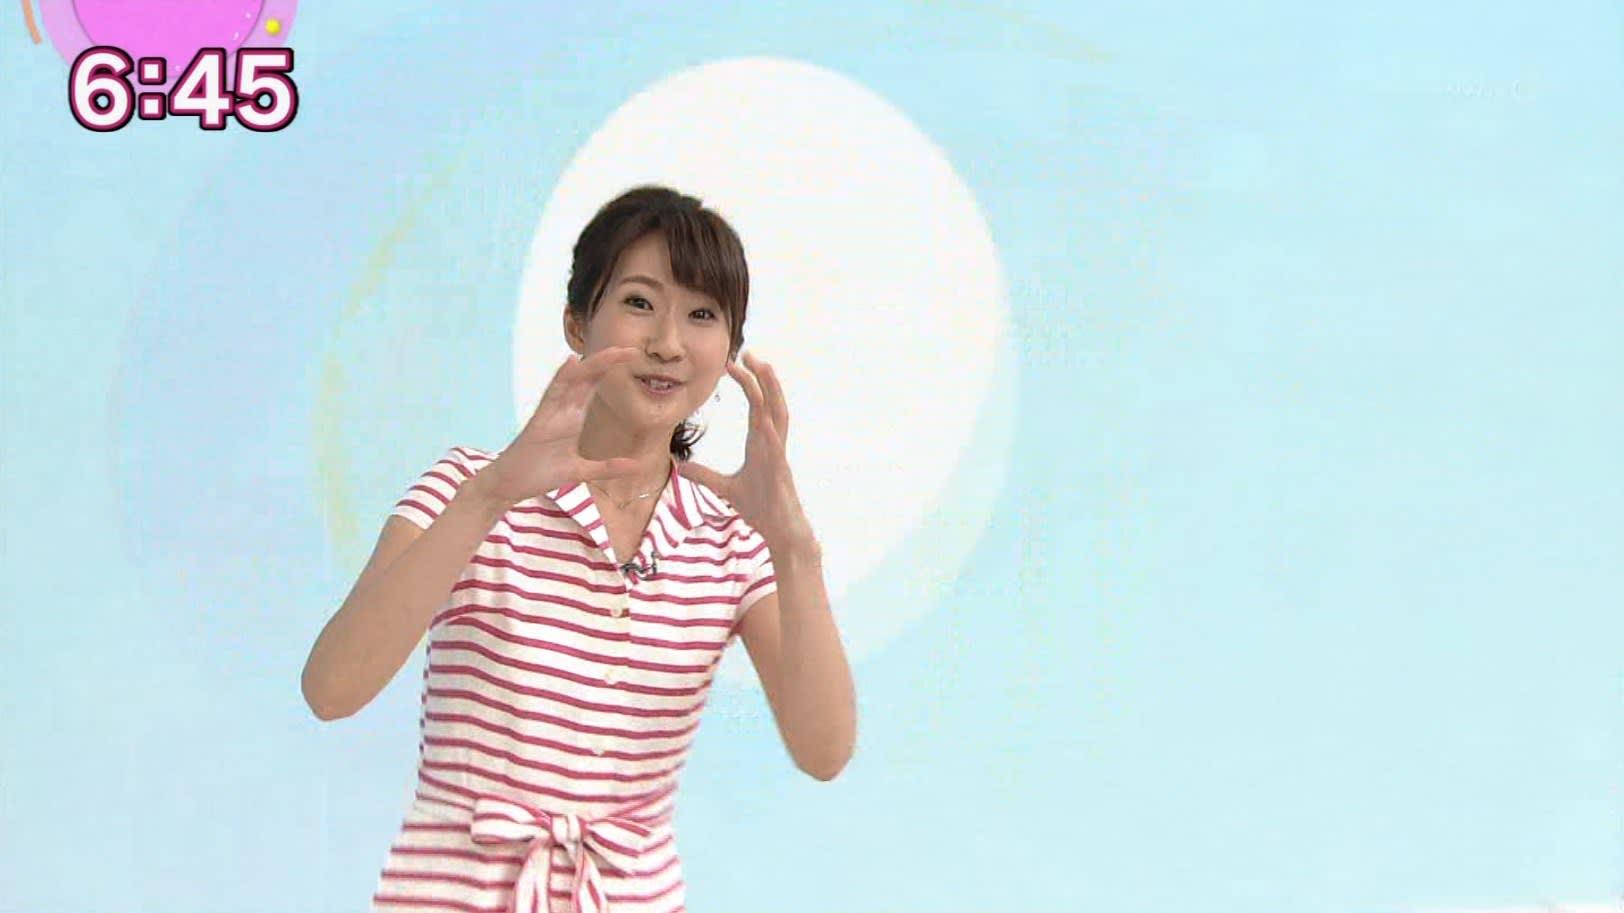 【ギュギュッと】 森花子 Part 14 【いば6】 YouTube動画>1本 ->画像>1719枚